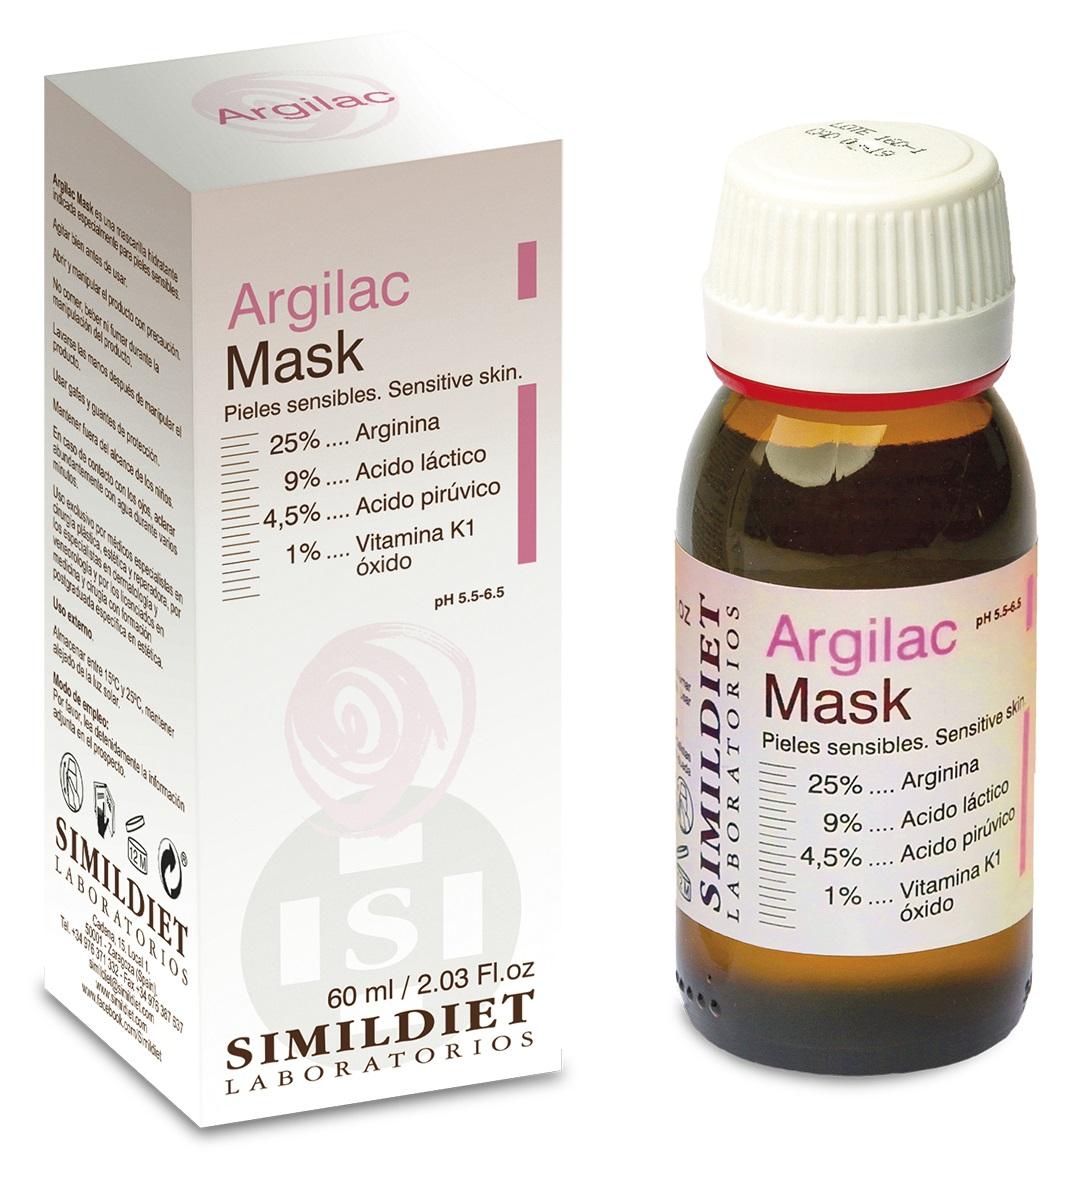 SIMILDIET - Argilac Mask